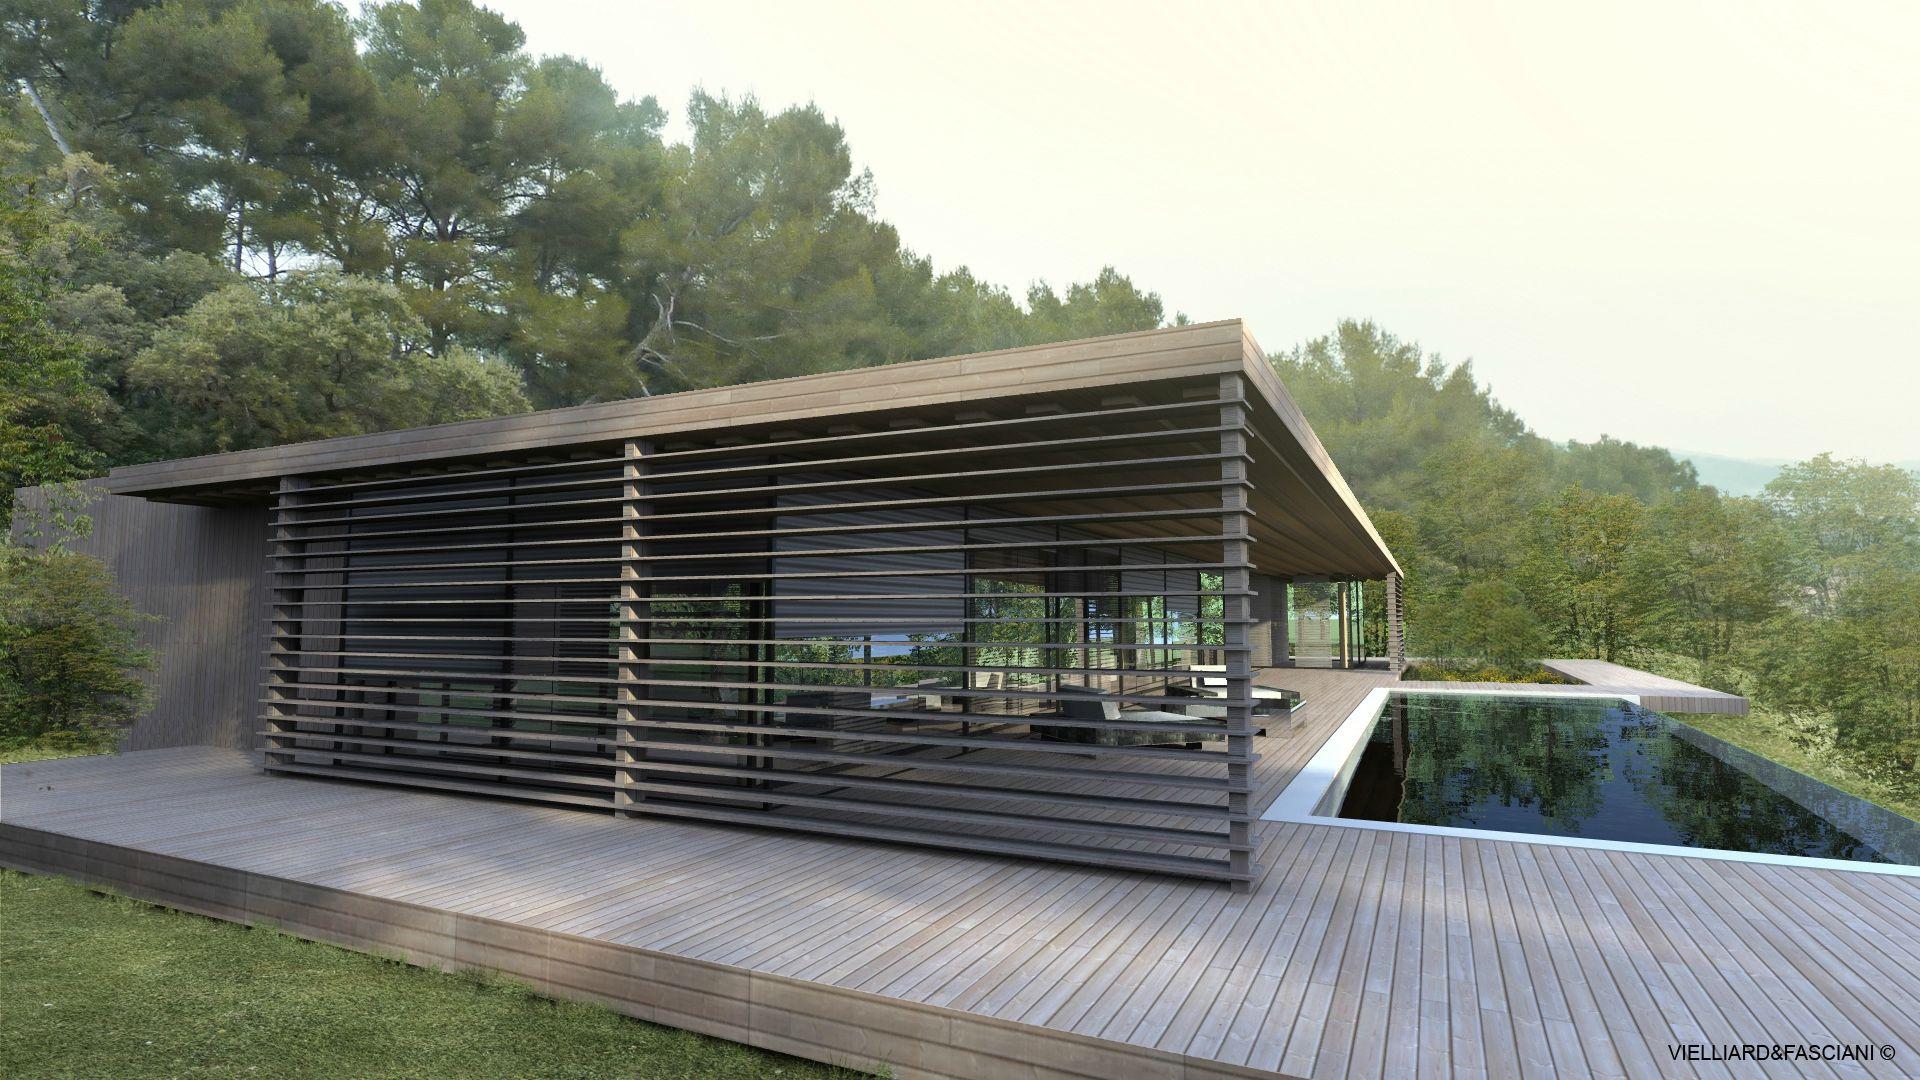 Maison contemporaine aix en provence villa contemporaine cote d 39 azur nice space house - Maison moderne bois ...